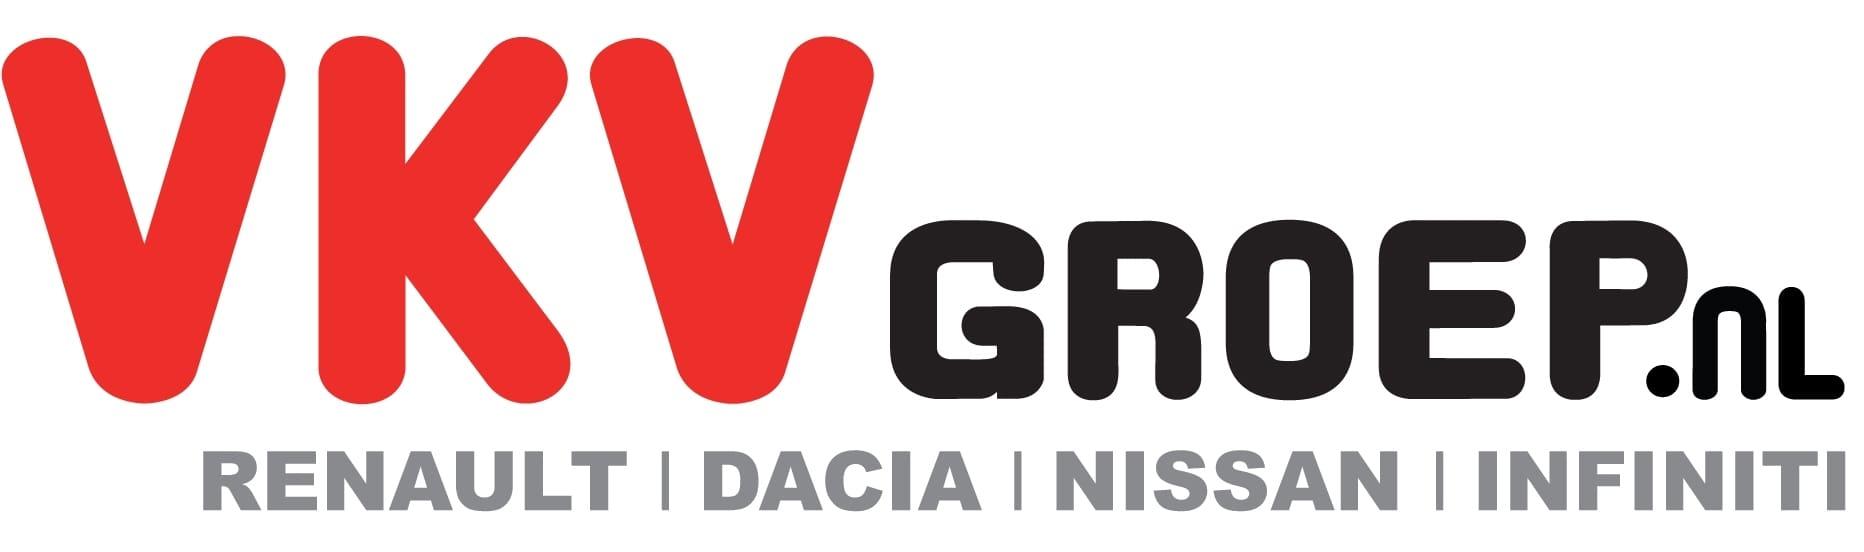 VKVGroep merken